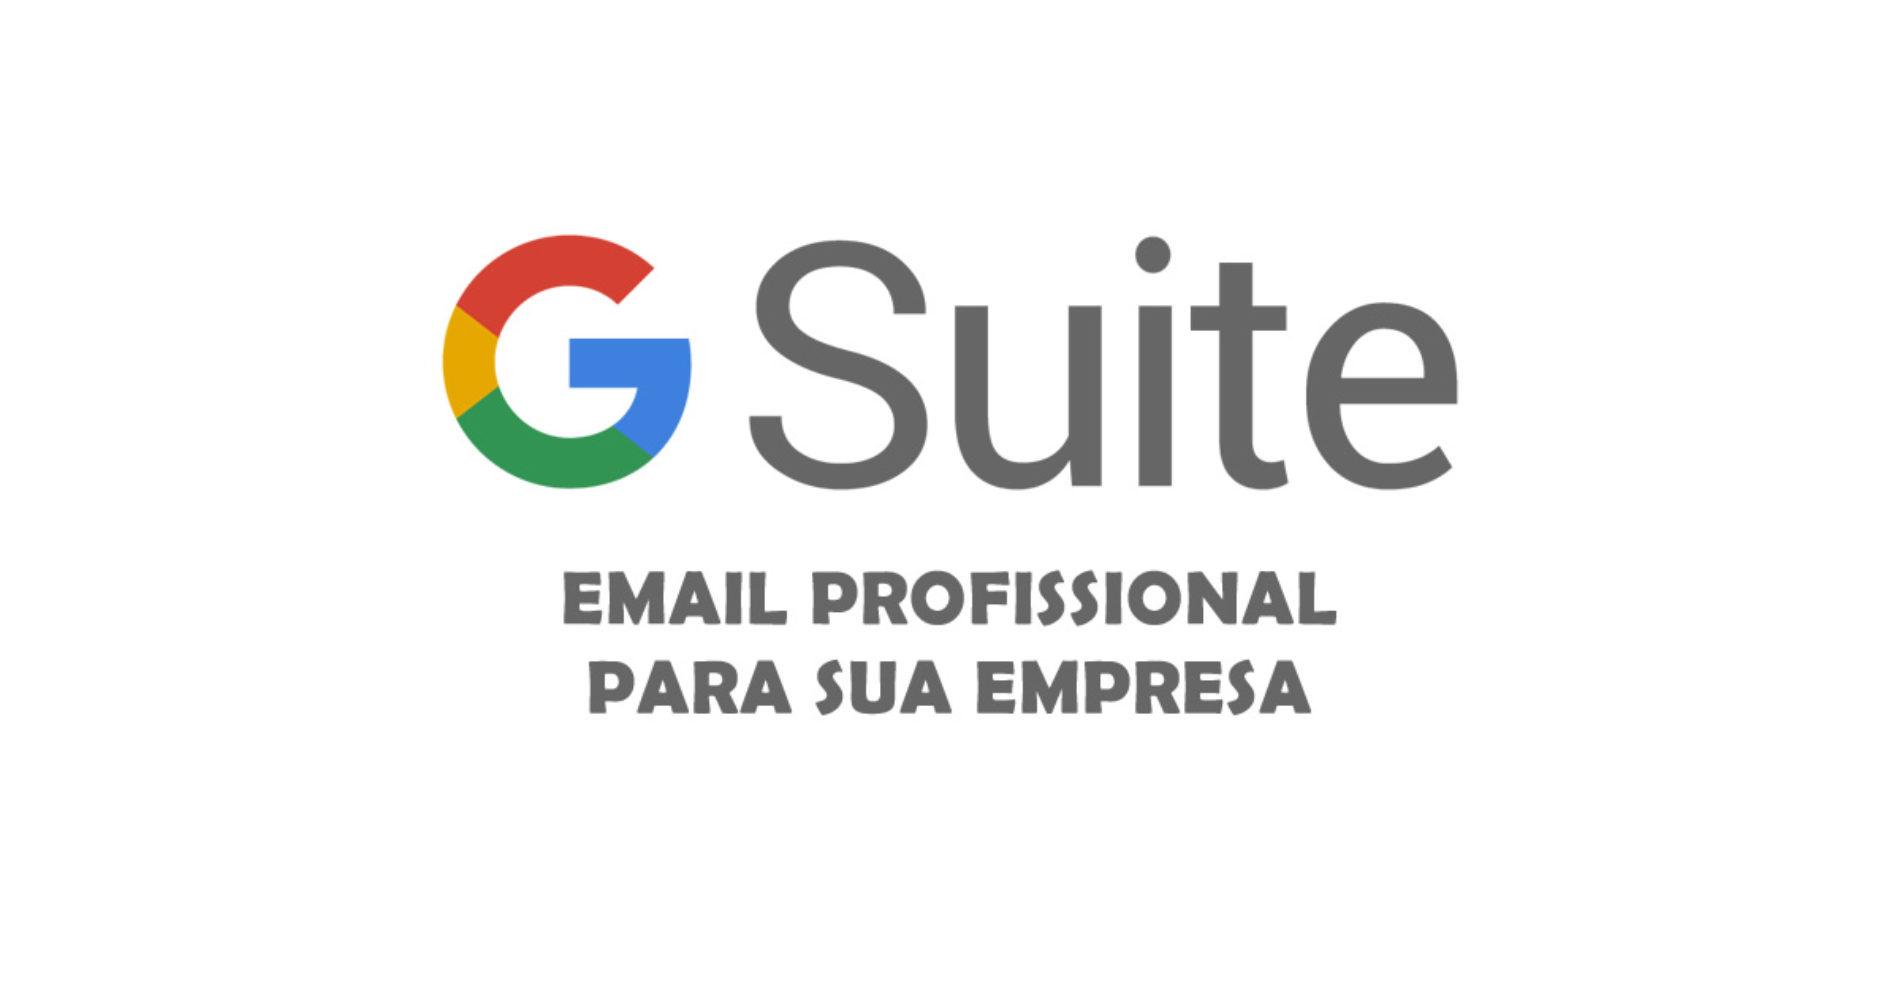 Como fazer um email profissional/empresarial Google Gsuite